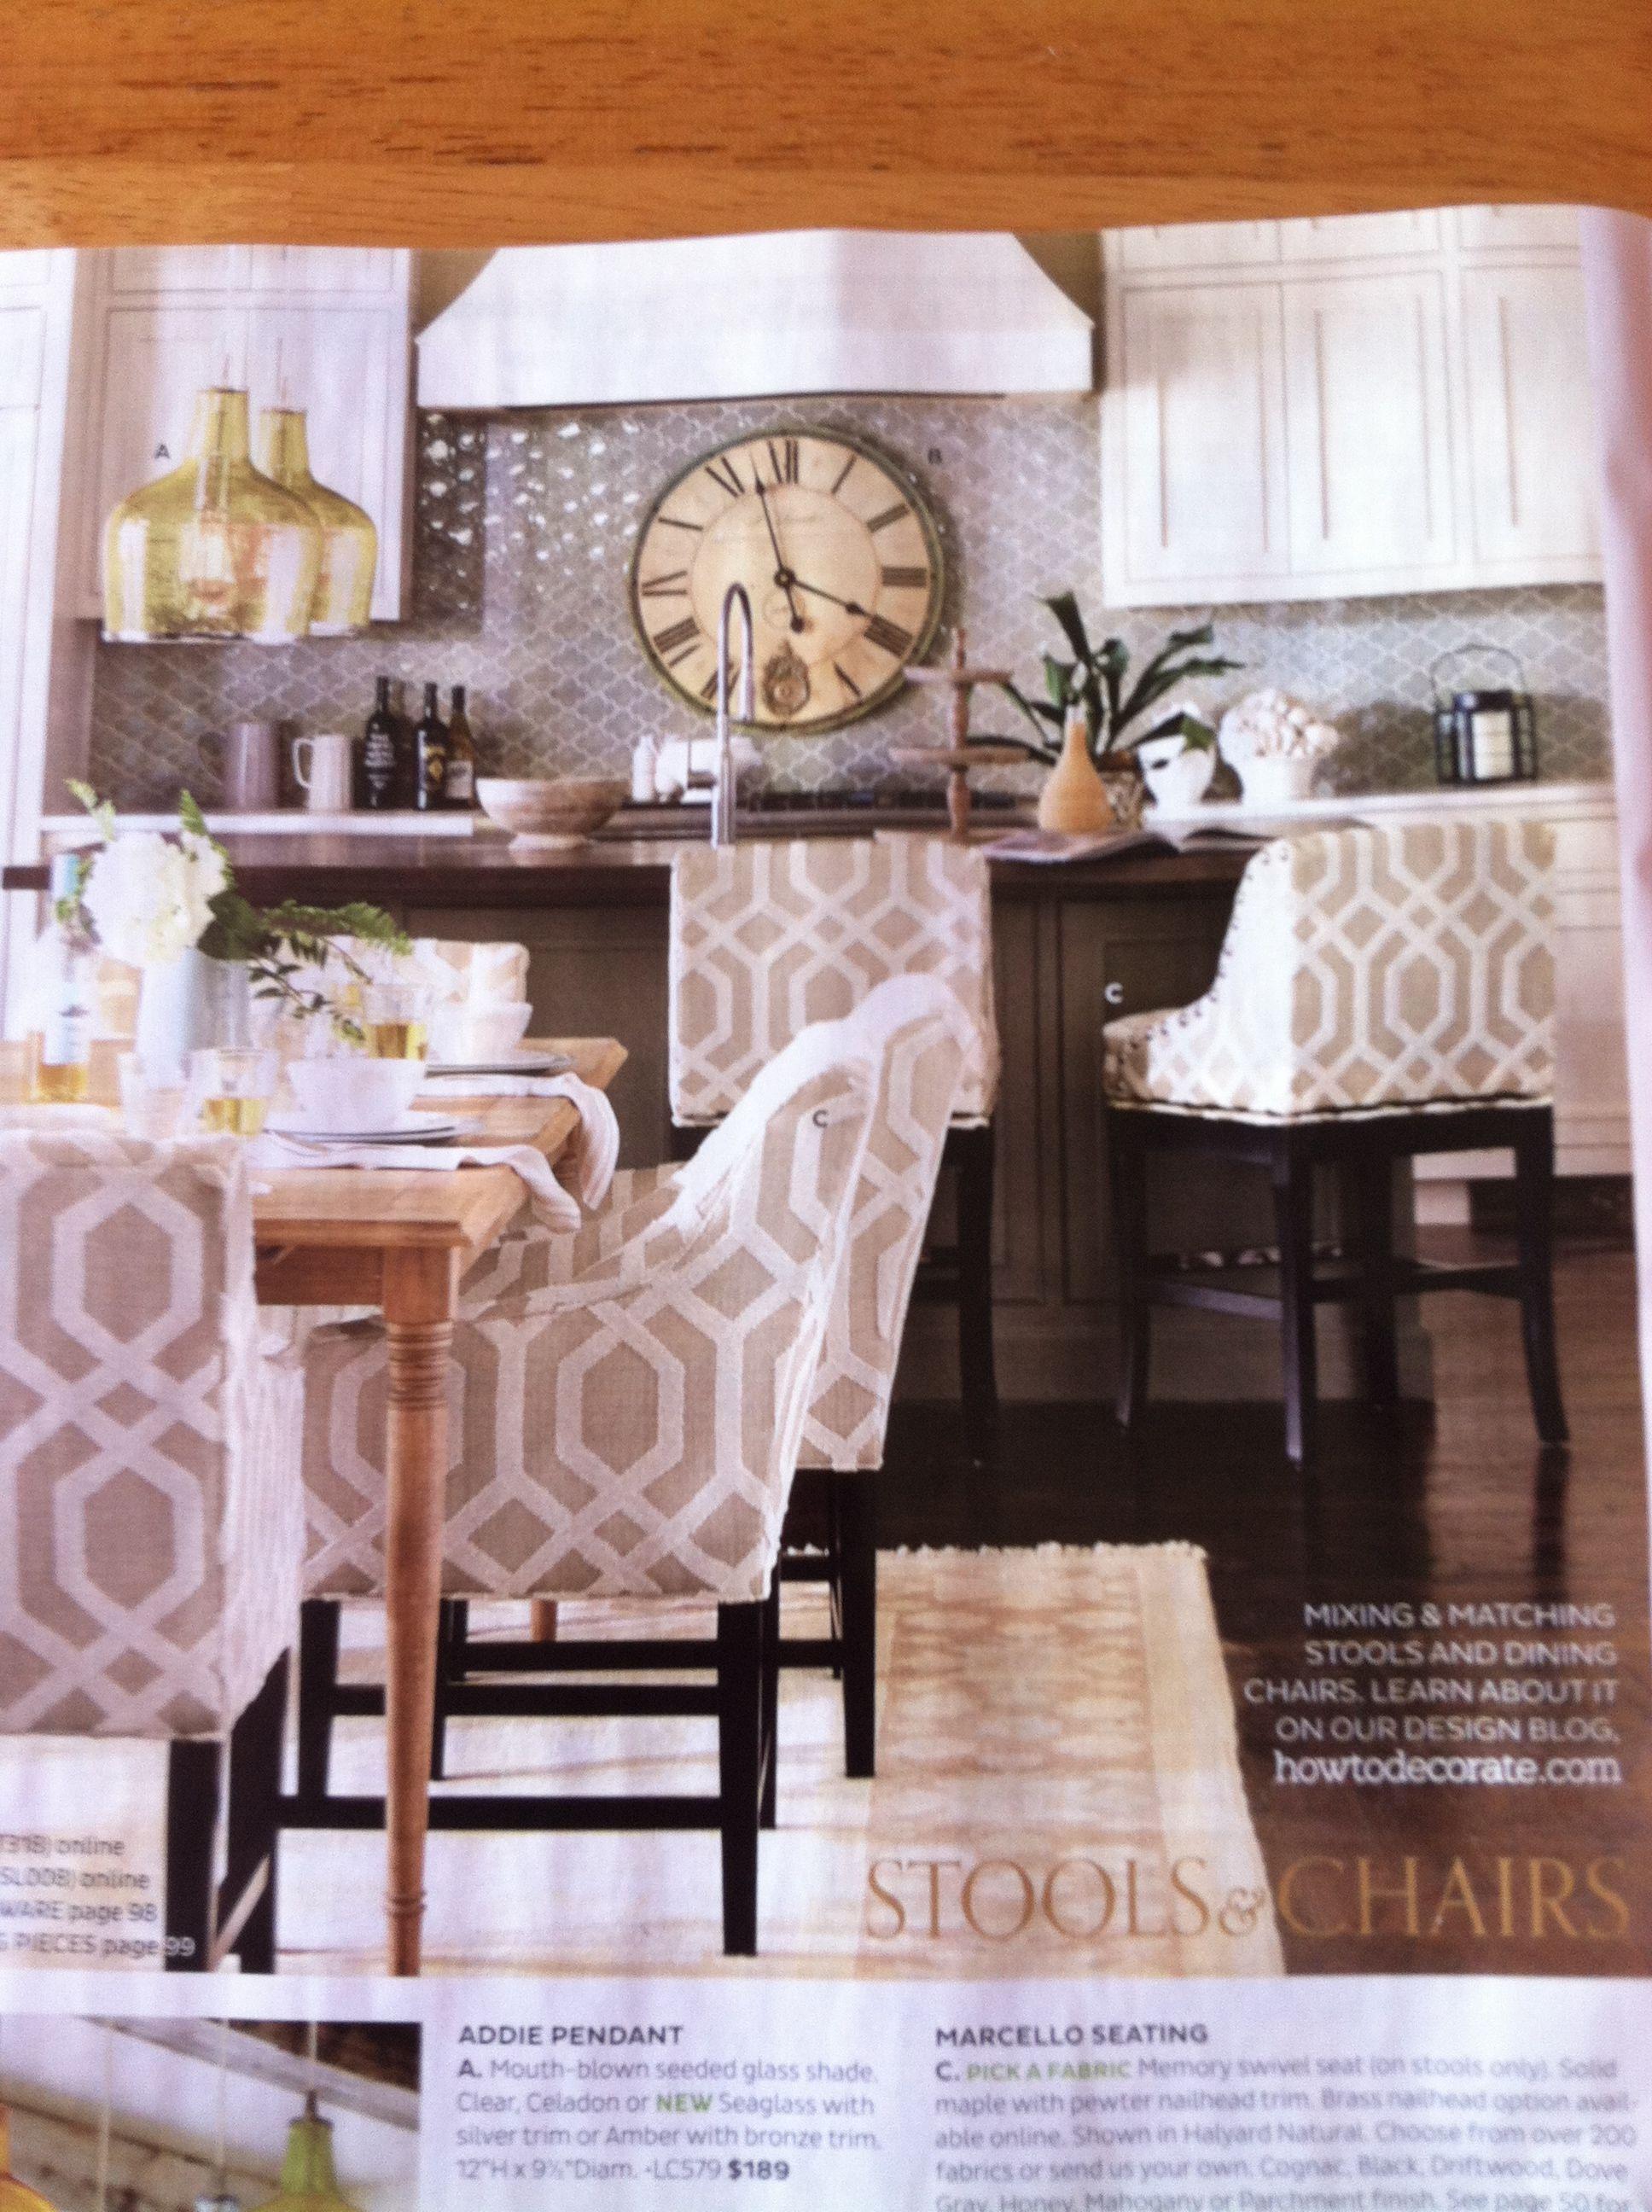 My dream kitchen from Ballard Designs:) | Dining chairs ...